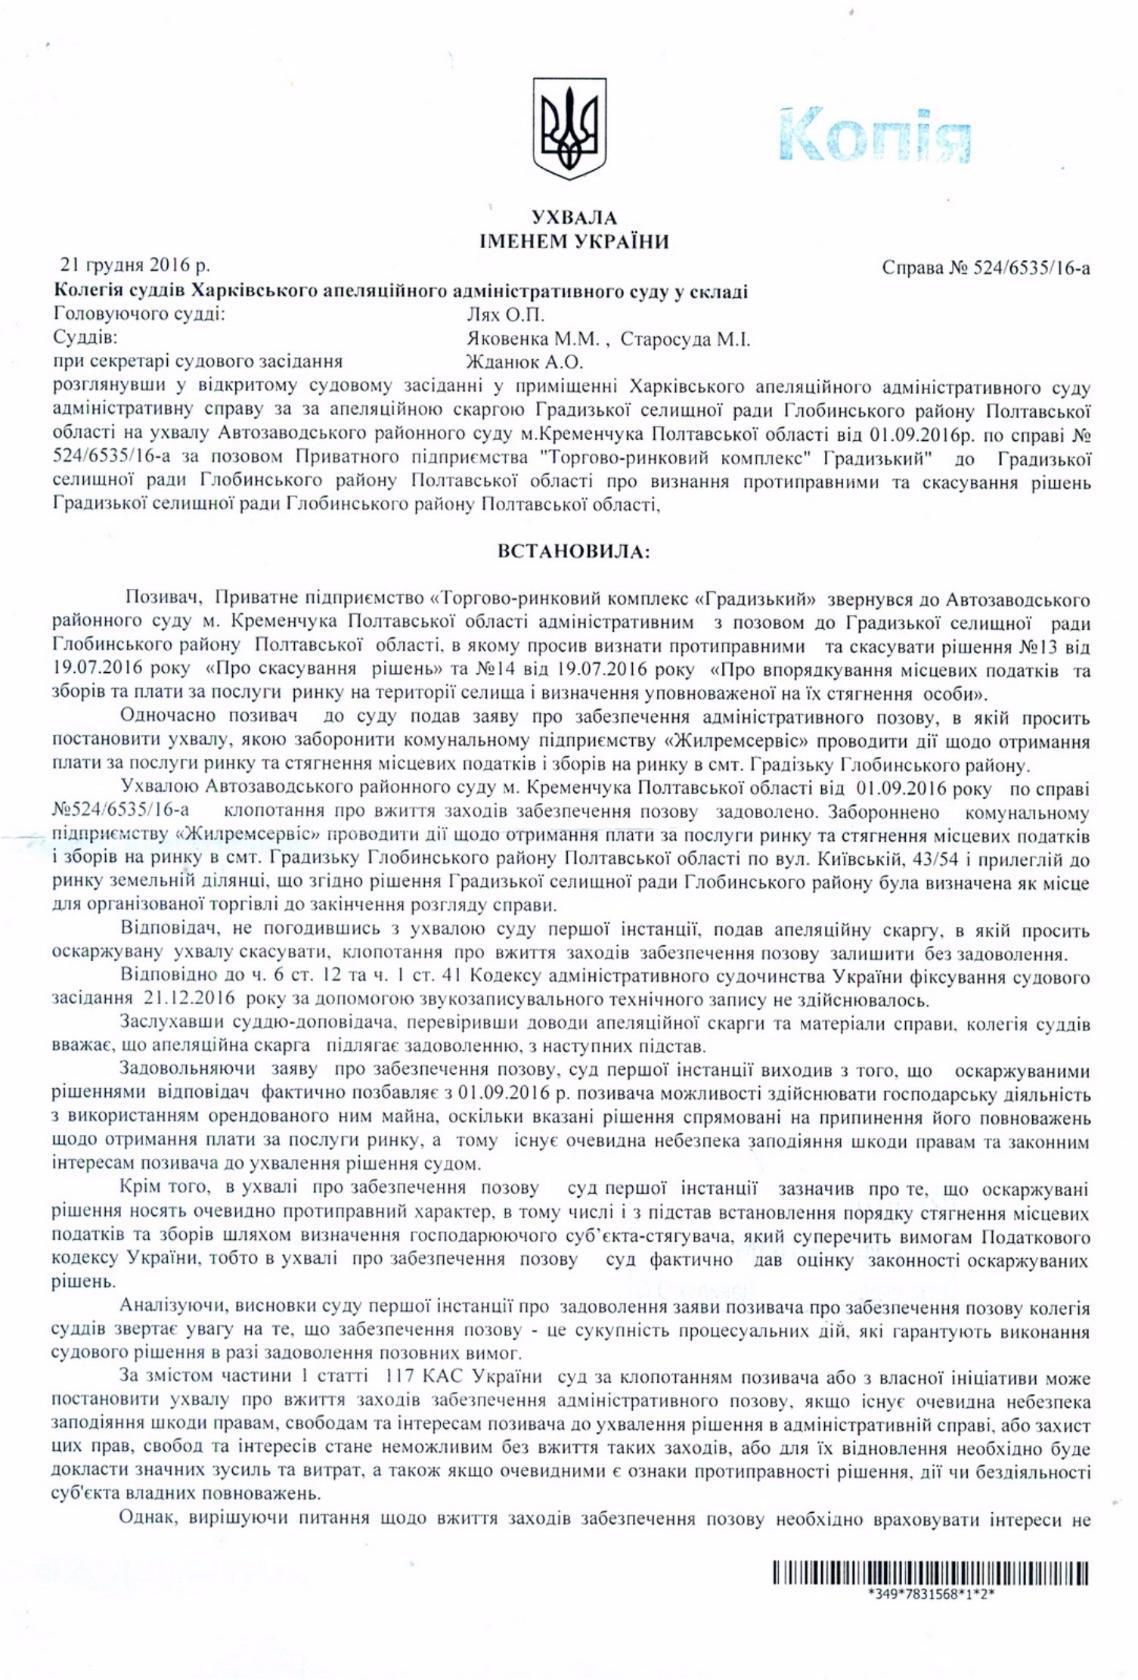 https://gradizka-rada.gov.ua/wp-content/uploads/2016/12/image.jpg